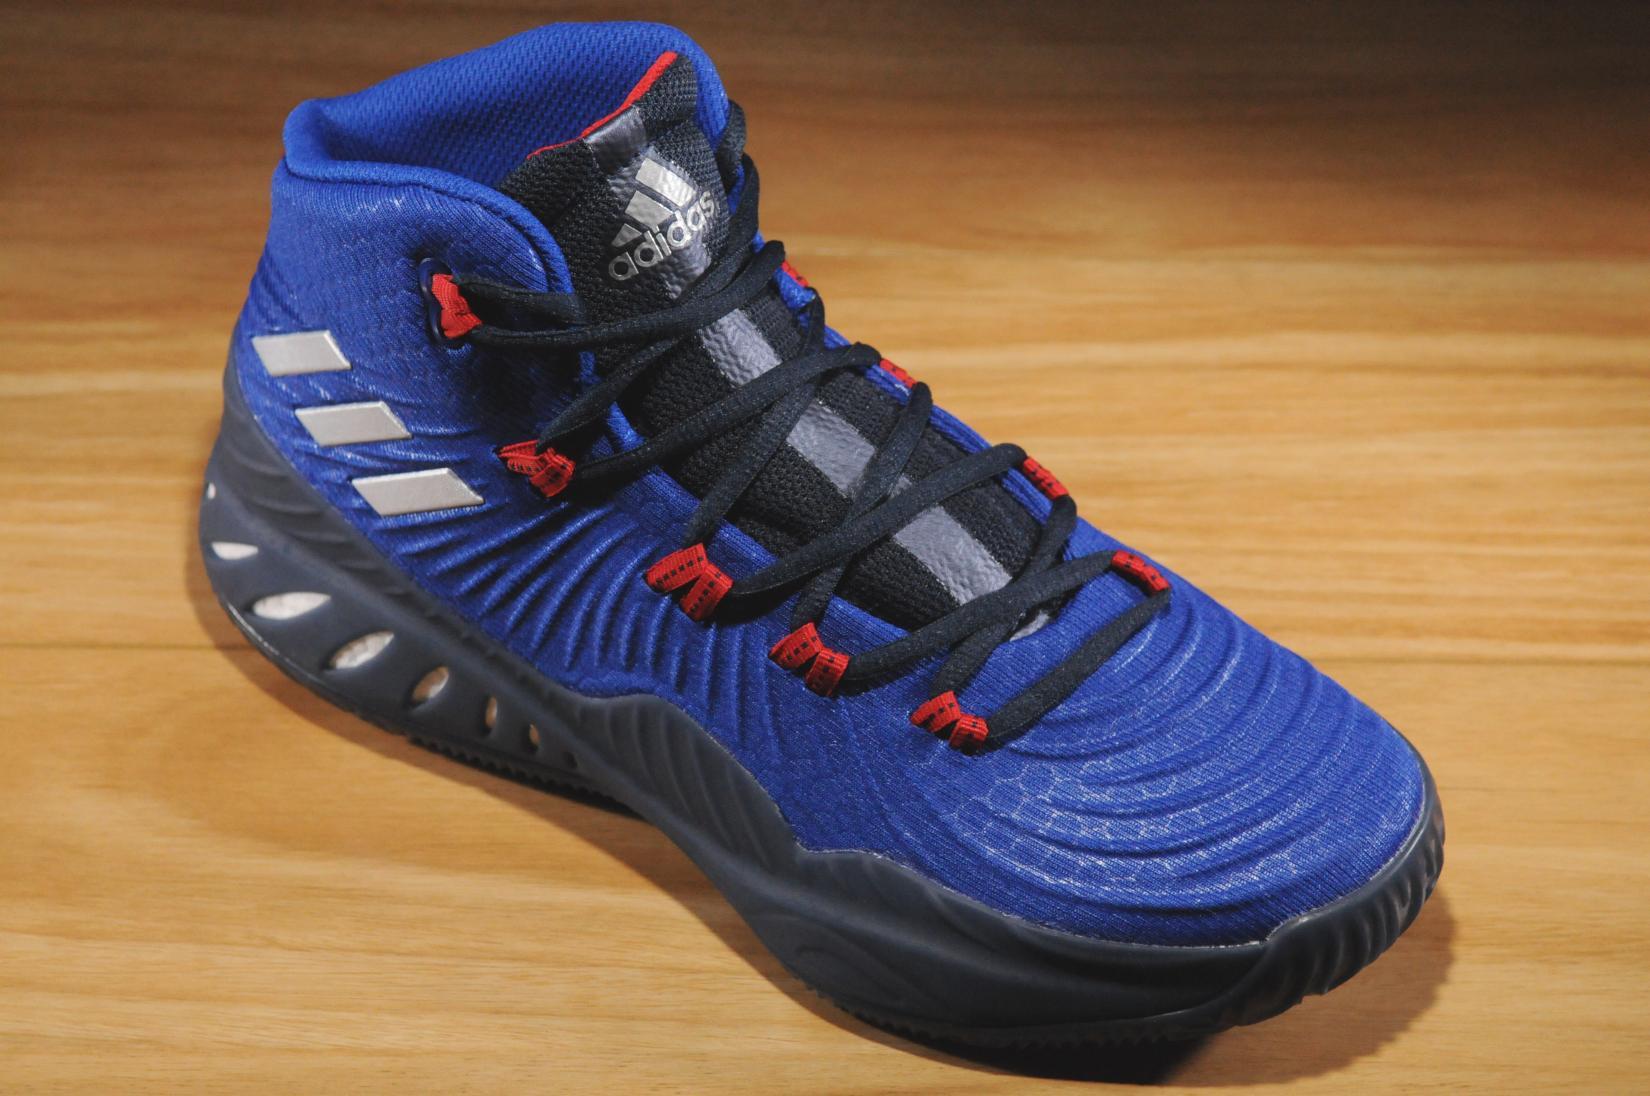 99fef7f1b036b Adidas Shoes Japan Yeezy 350 Boost Youth